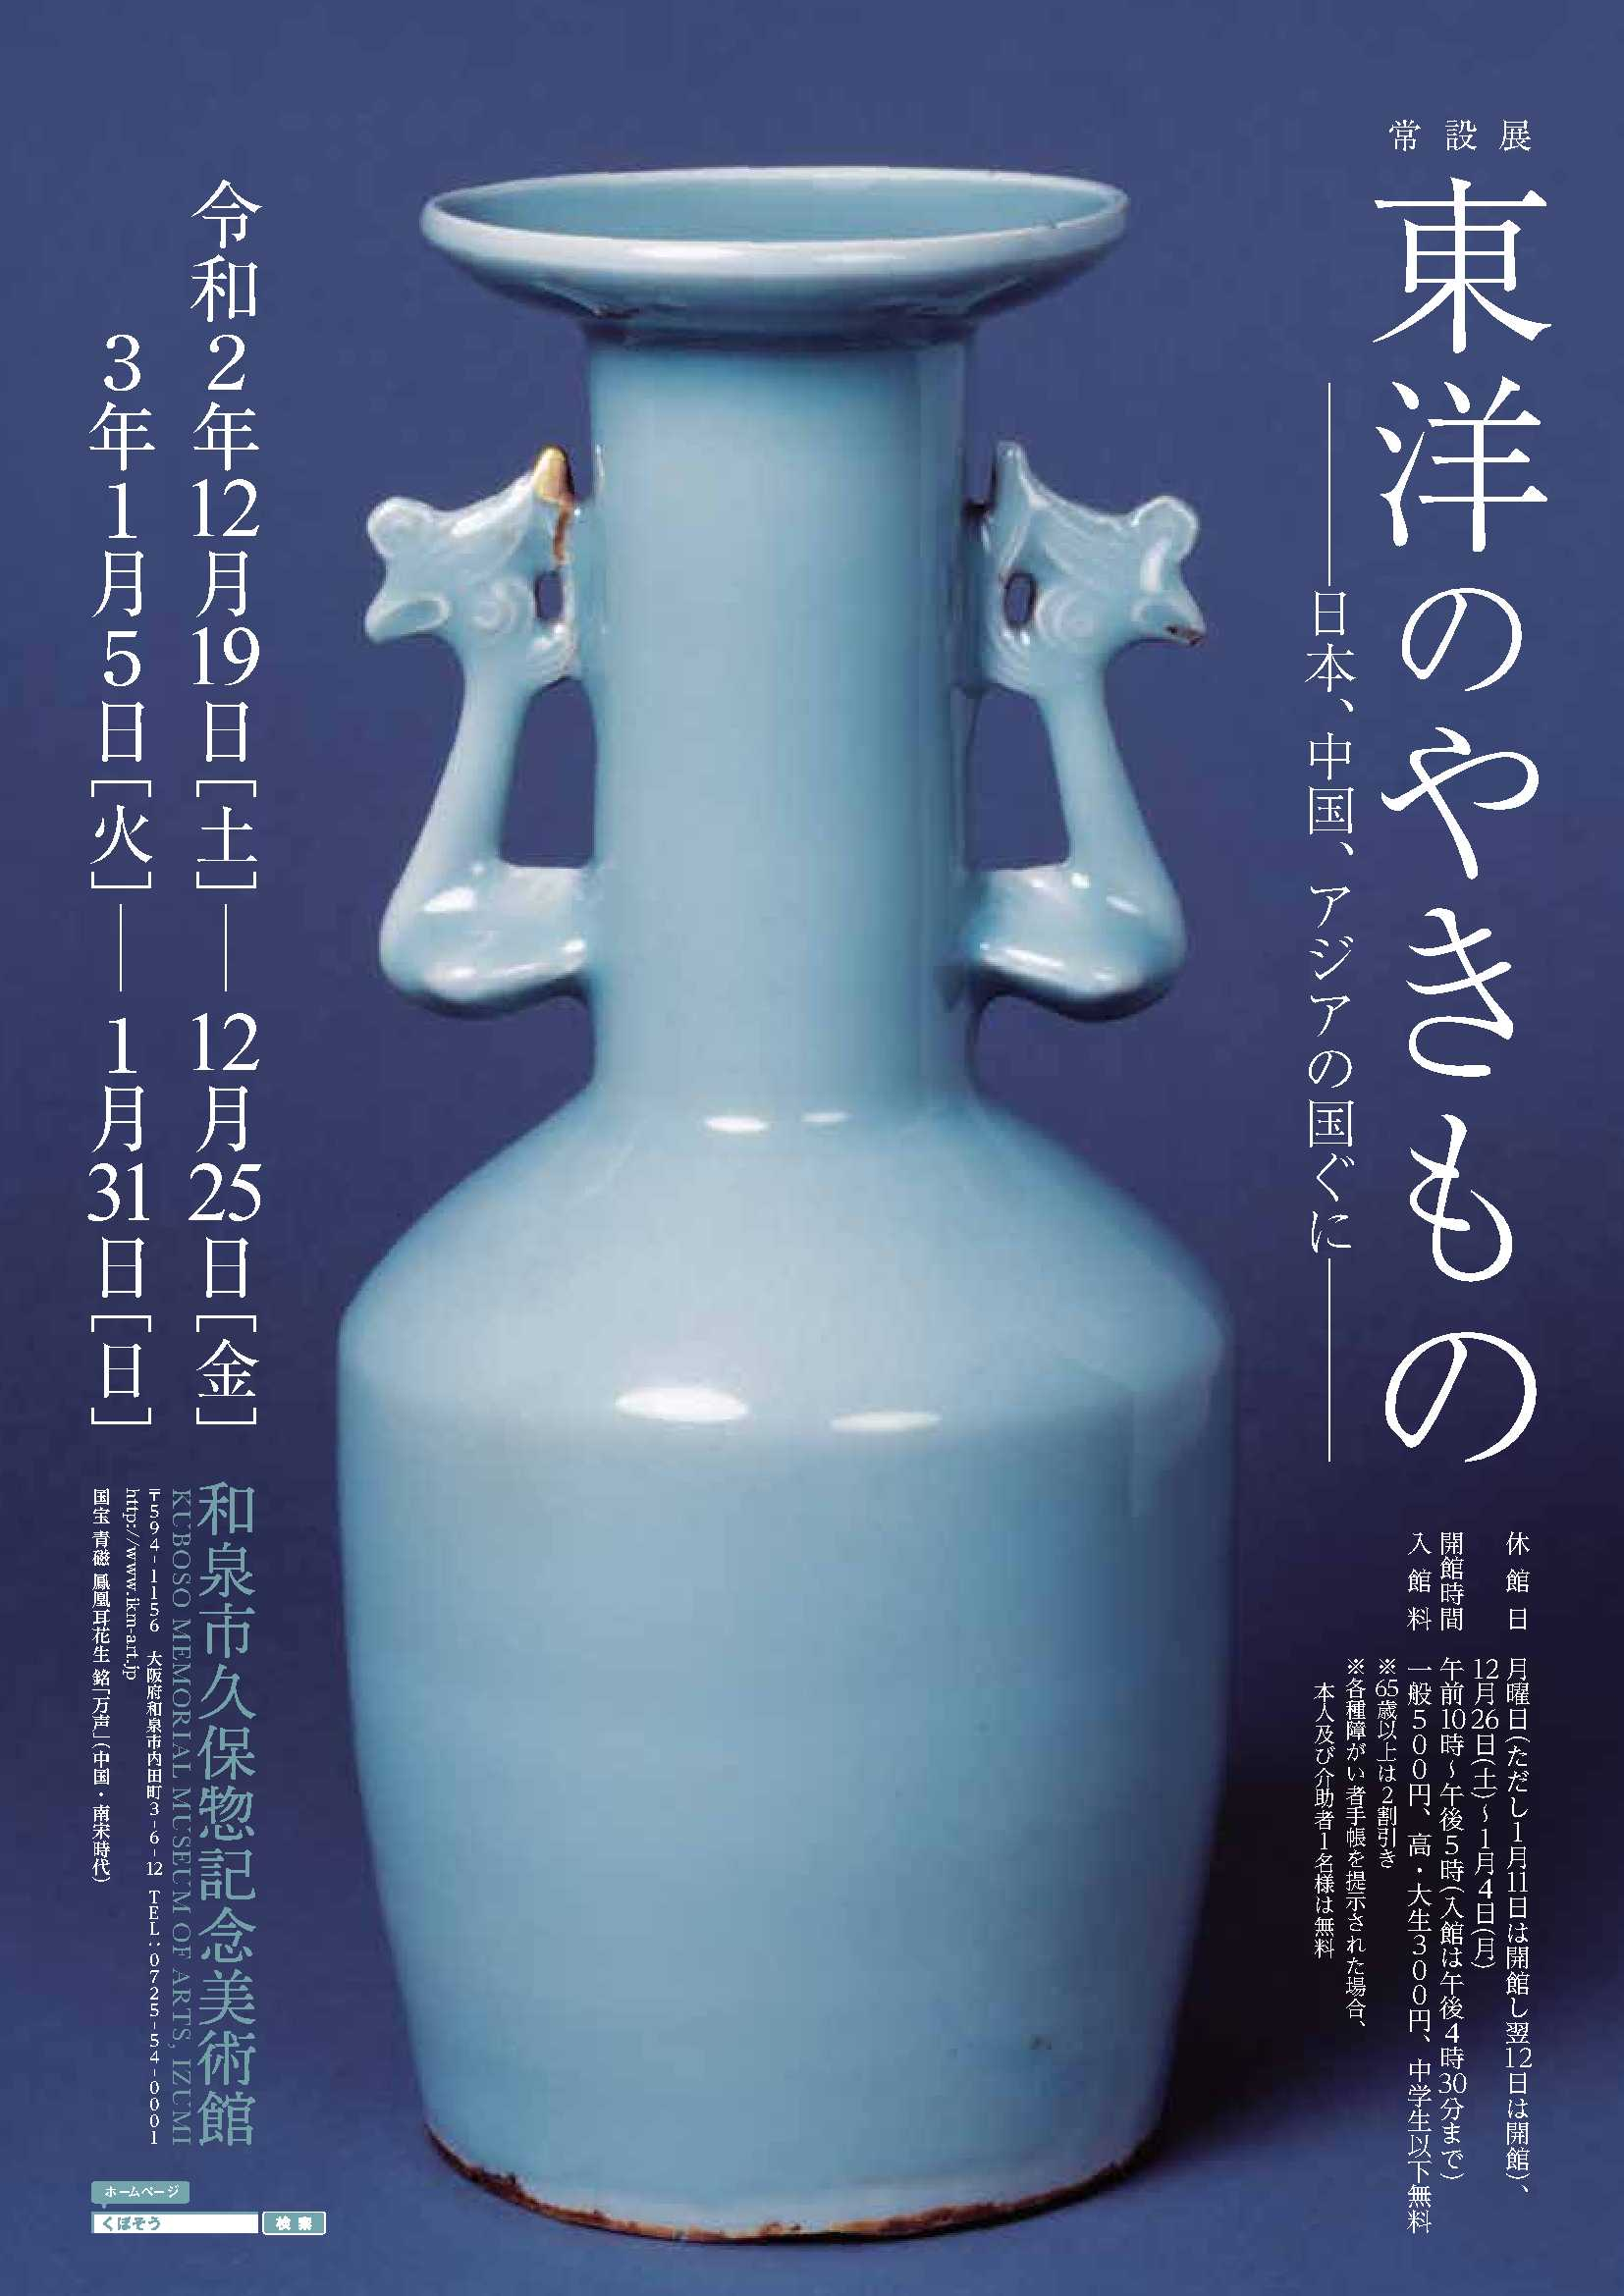 2020年12月19日(土)~常設展 東洋のやきもの―日本、中国、アジアの国ぐに―和泉市久保惣記念美術館